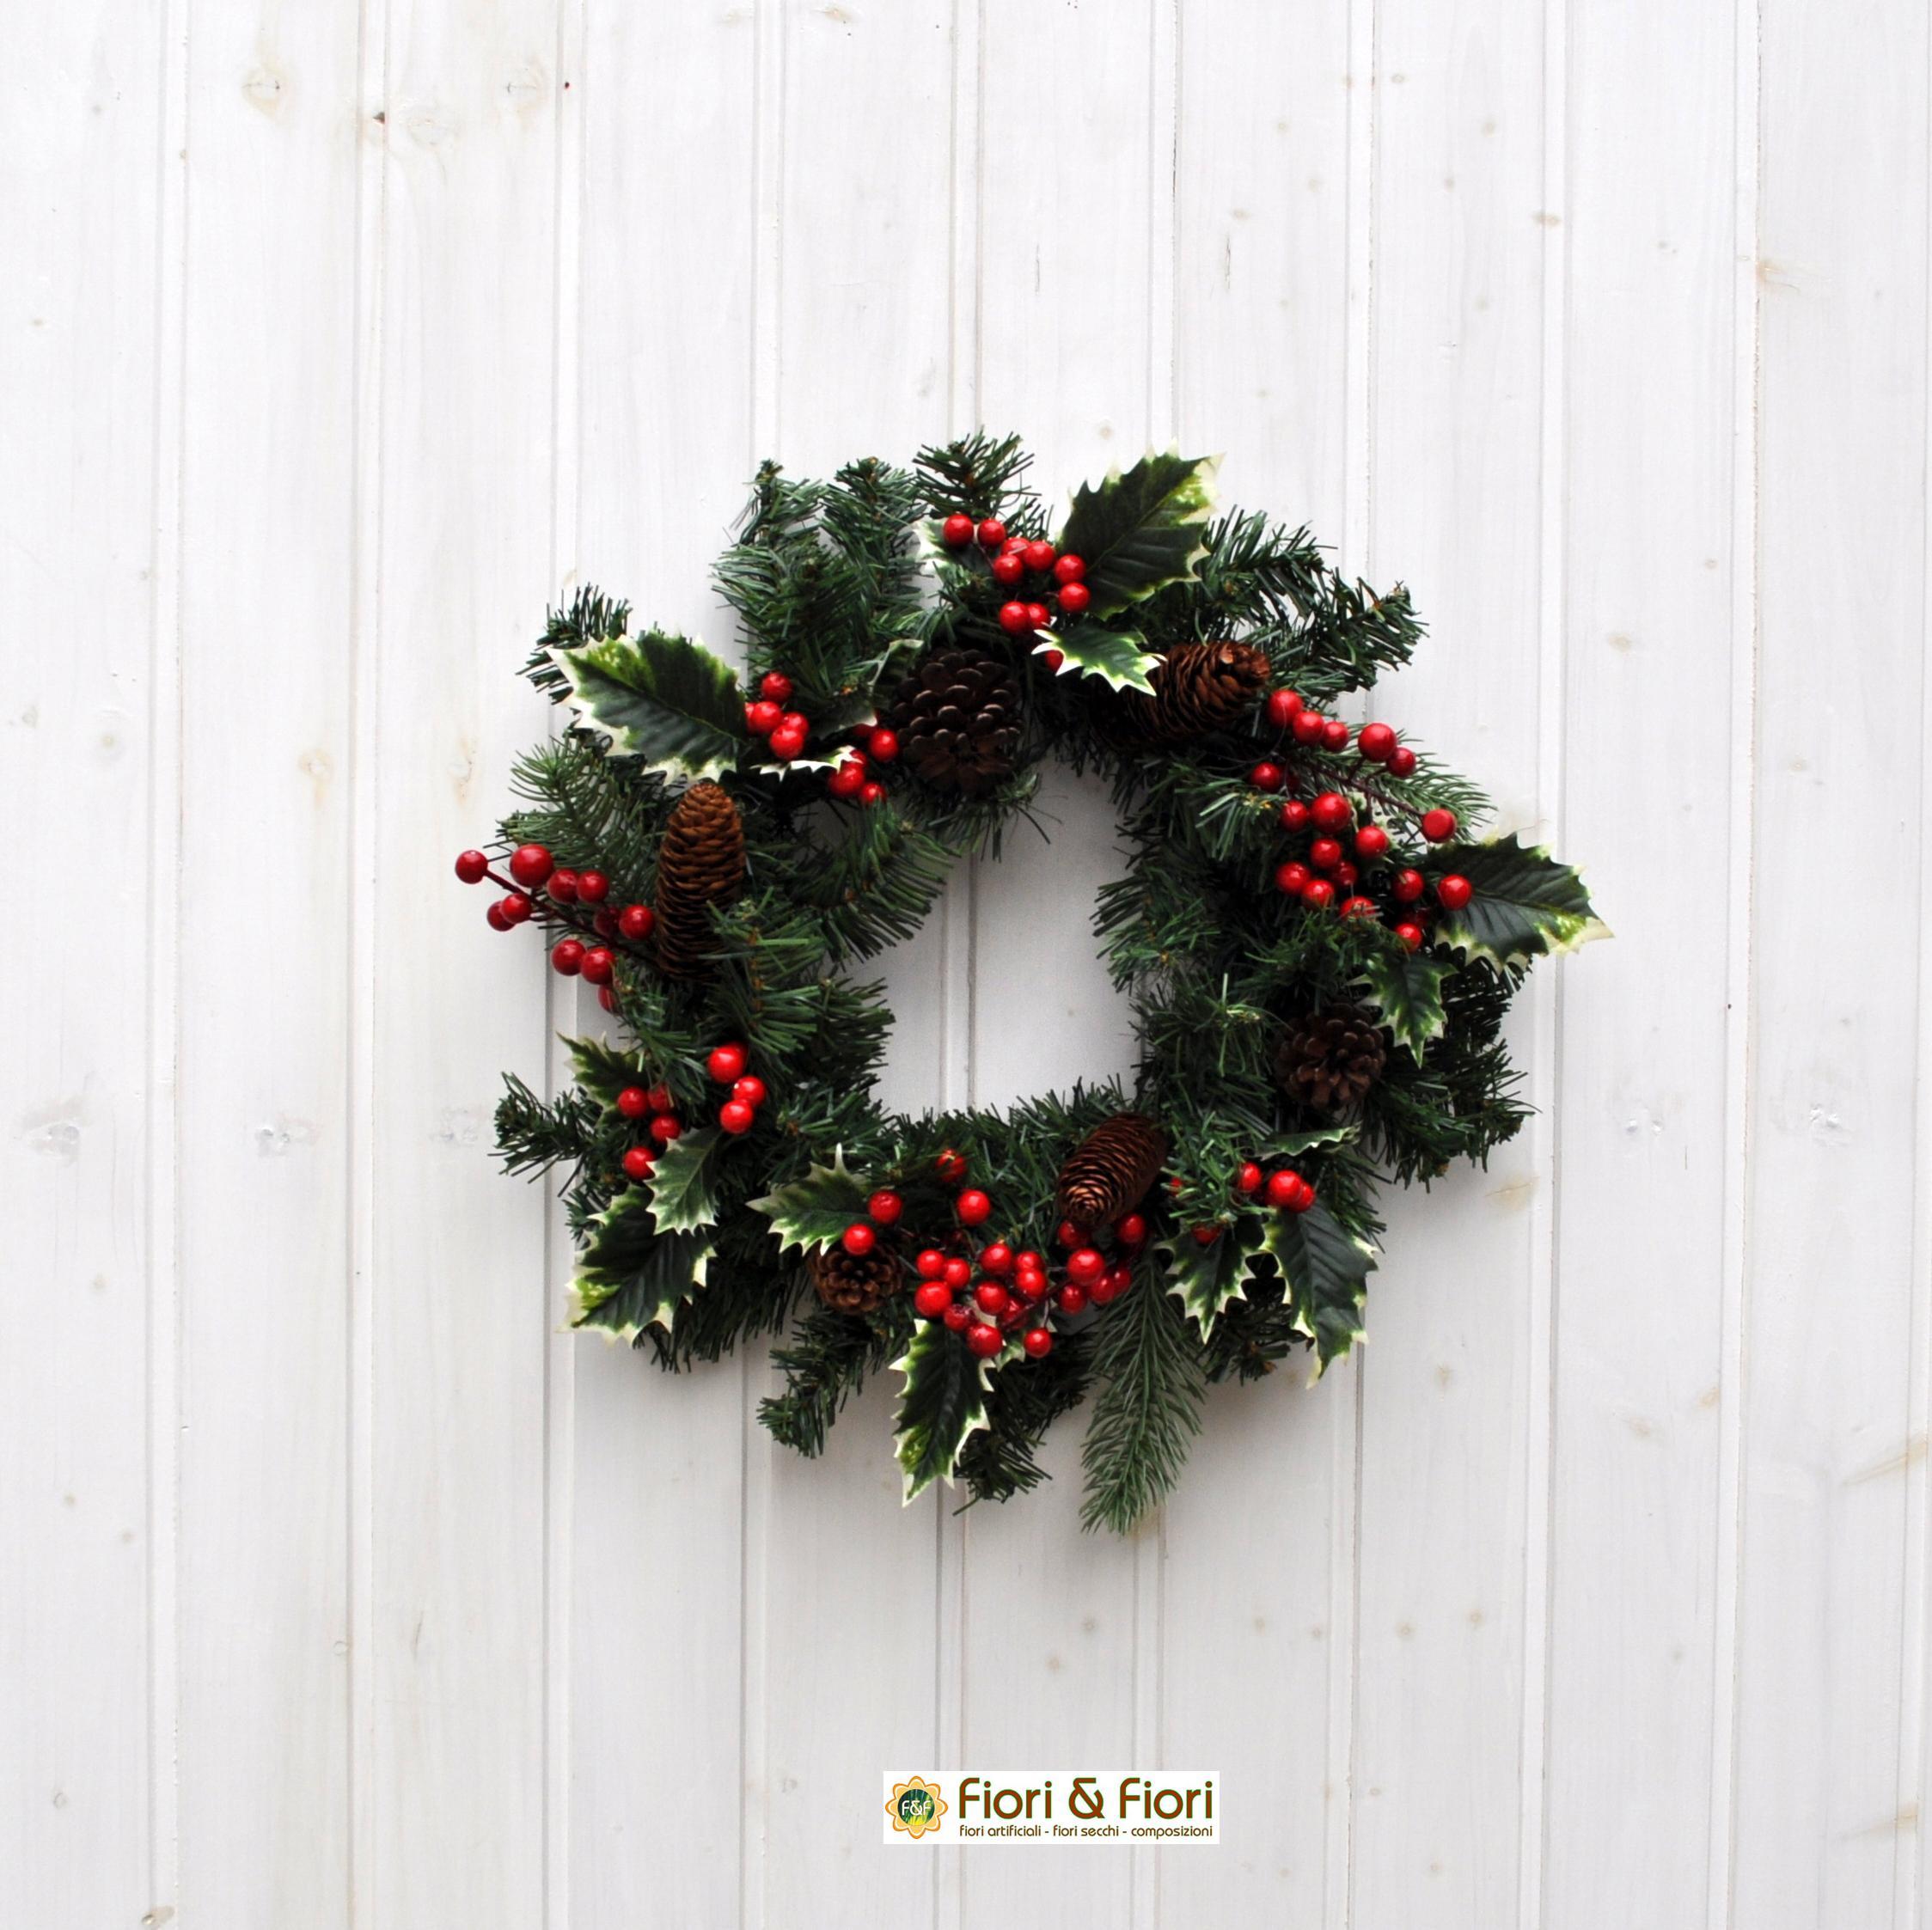 Corona bacche agrifoglio per decorazioni floreali natalizie - Decorazioni fiori finti ...